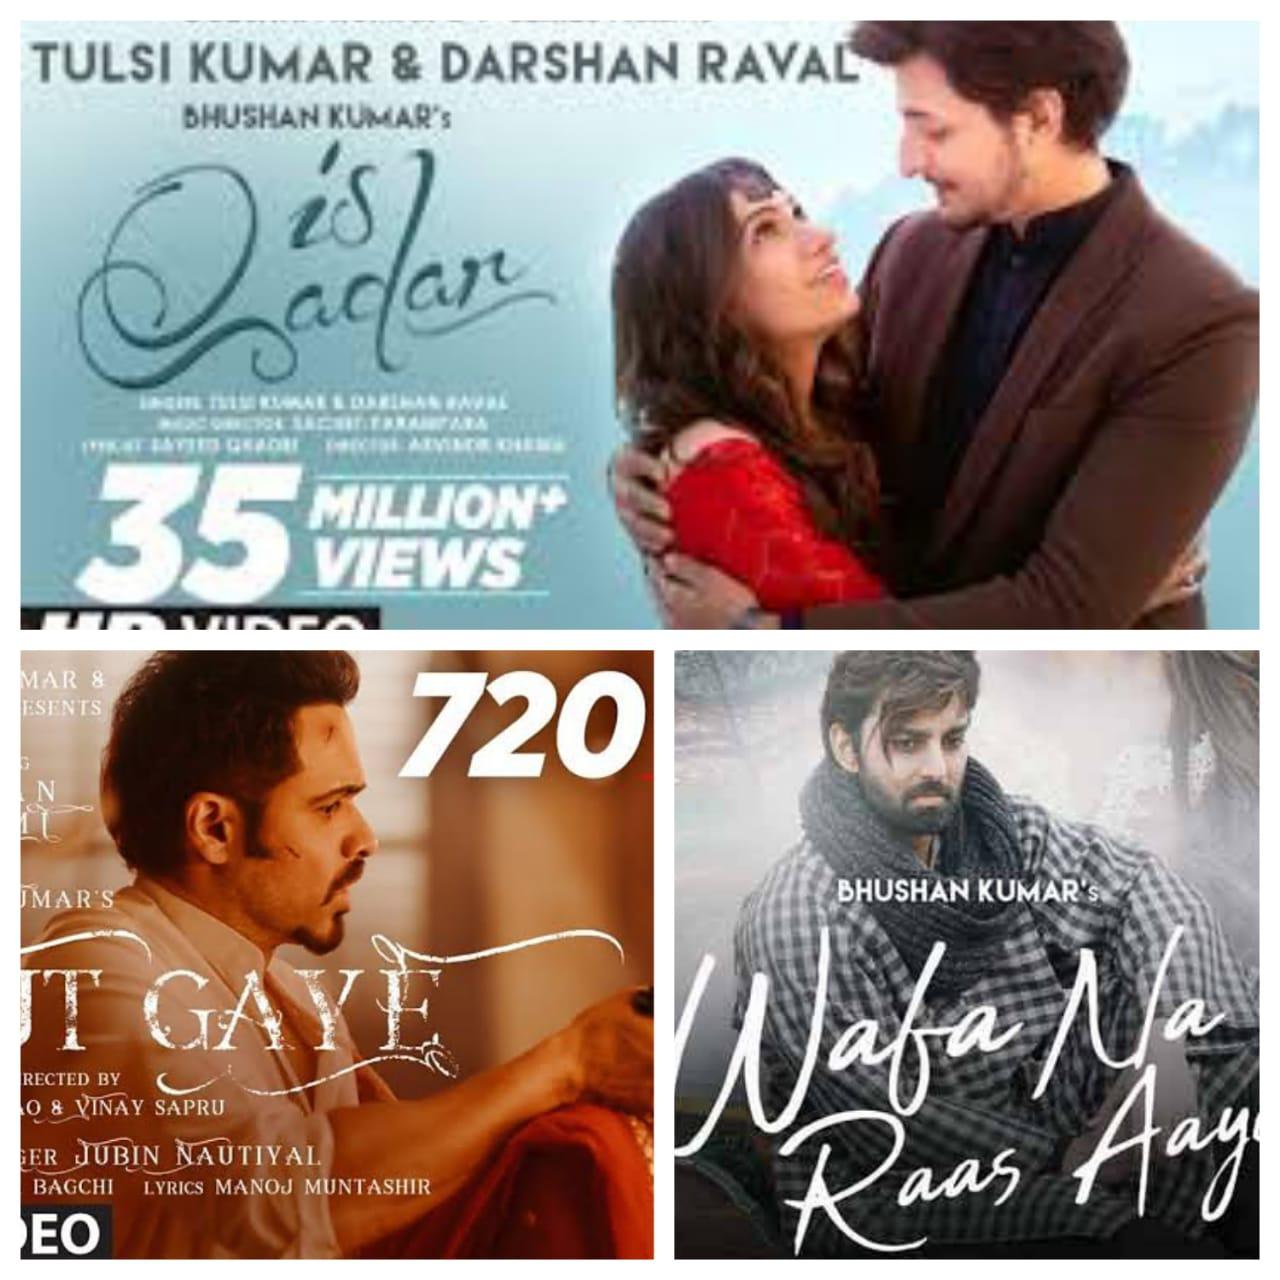 Top 10 Trending Bollywood Songs in 2021